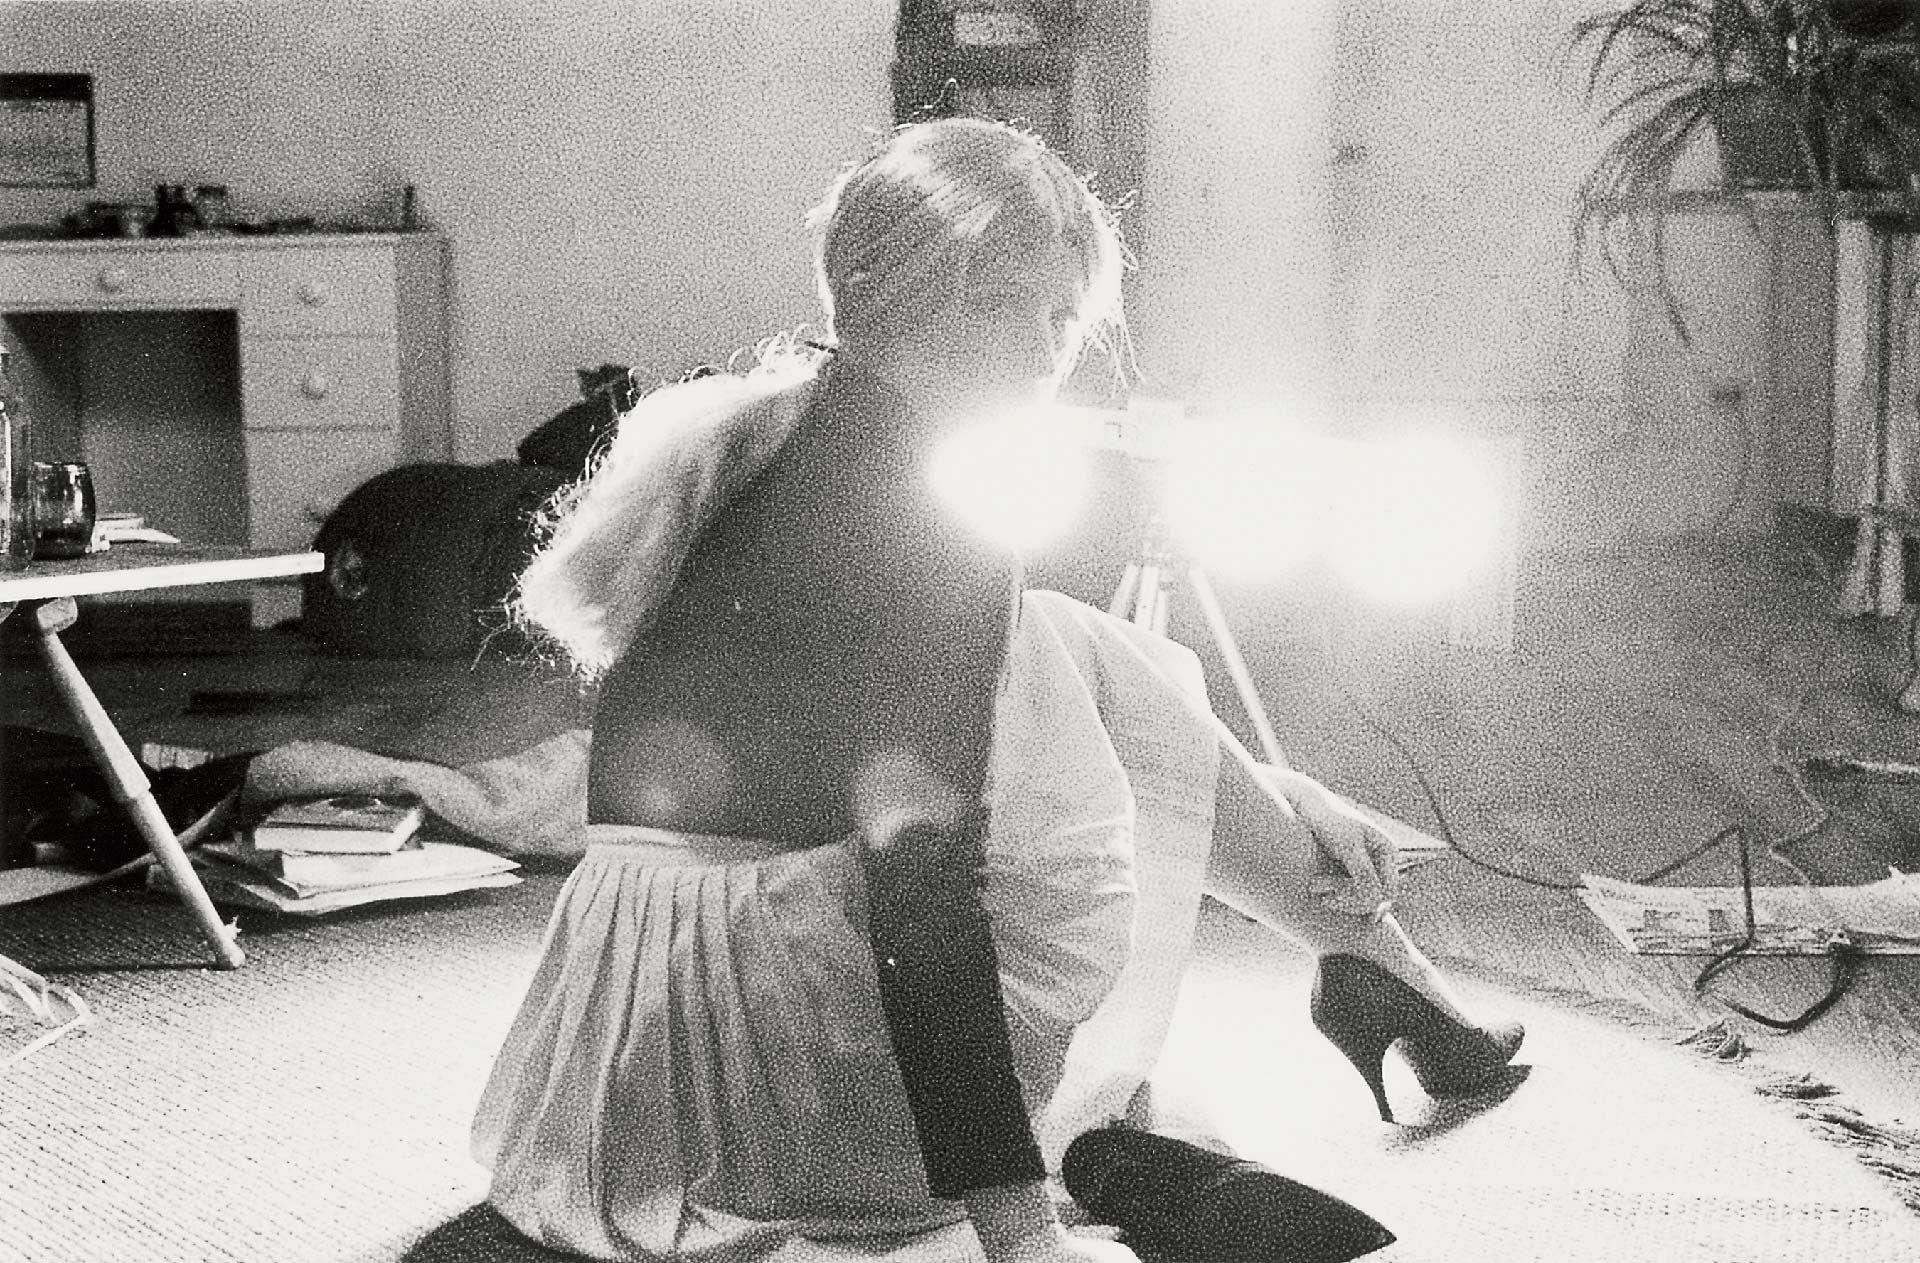 Cindy Sherman (née en 1954), Photogramme sans titre no 62, 1977-2003, épreuve à la gélatine argentique, 2/10. Collection Carol et David Appel. Courtesy of the artist and Metro Pictures, New York